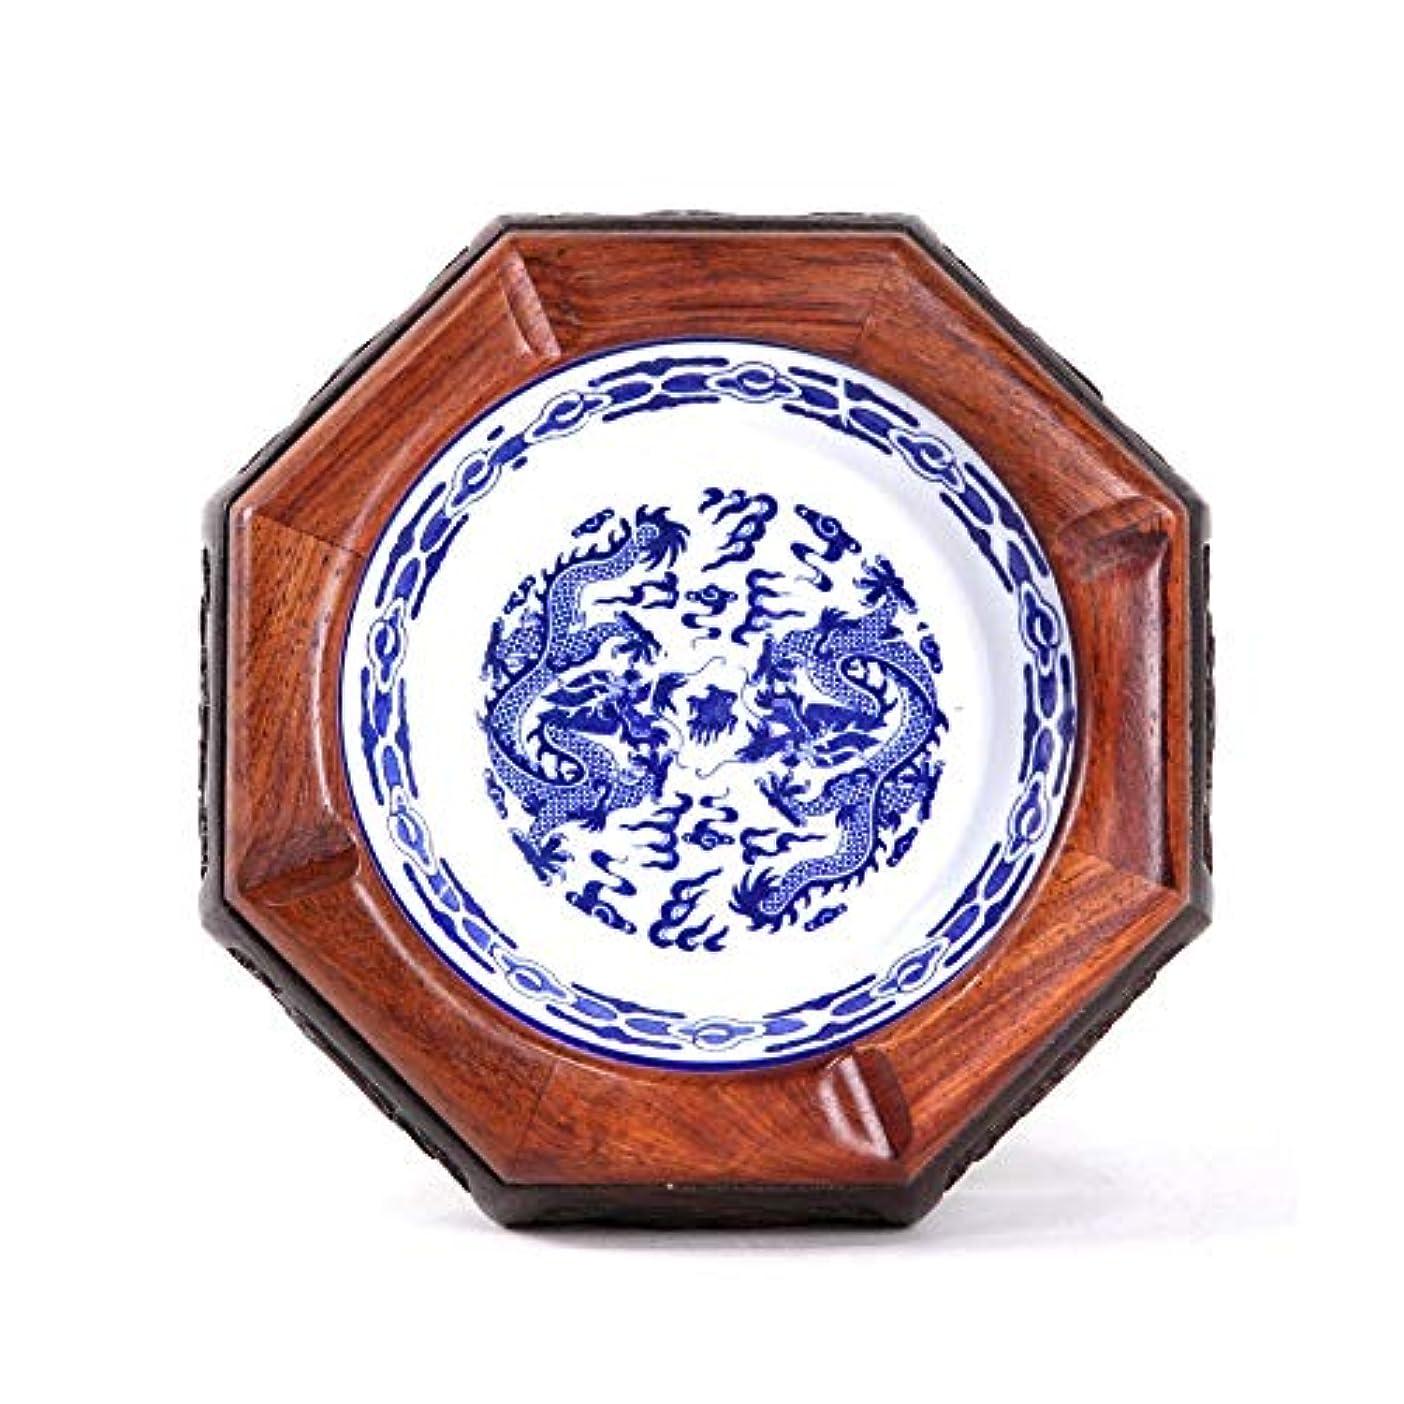 五感じるびっくりオフィスの居間の灰皿、中国のレトロな陶磁器並ぶ木製の灰皿、家の屋内と屋外の庭のエレガントな灰皿 (色 : L)